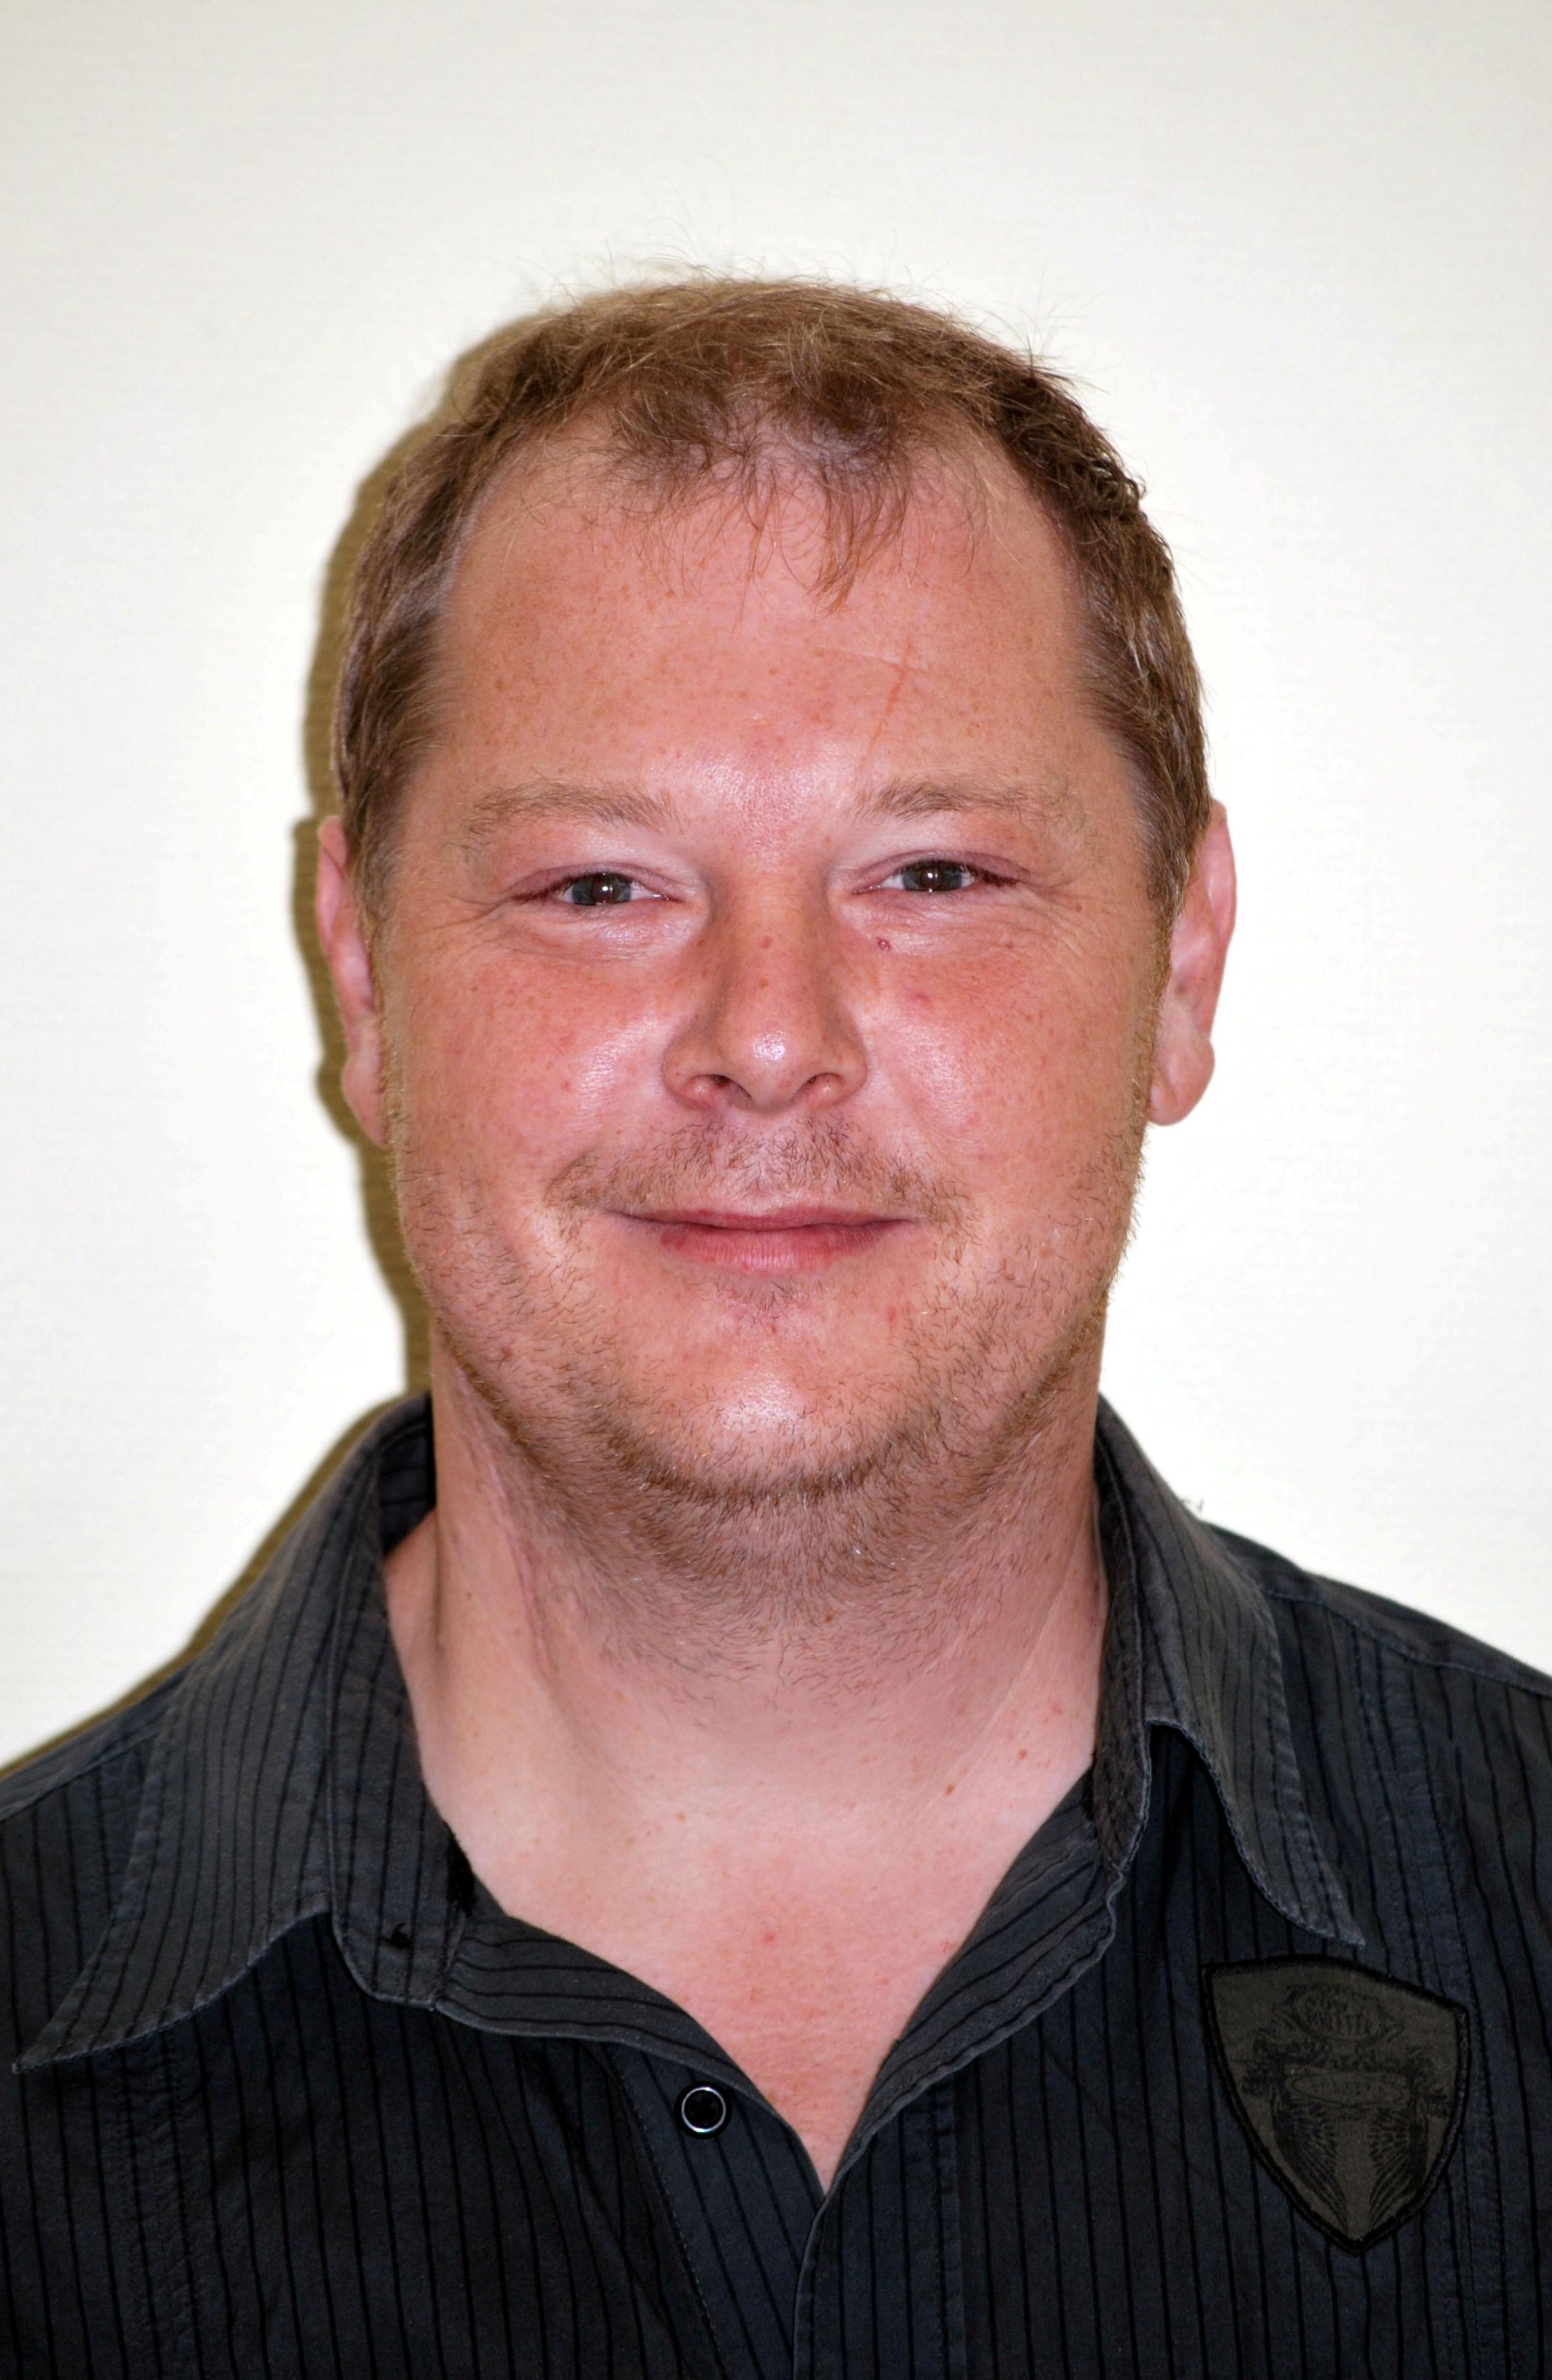 Reinhardt Winkler